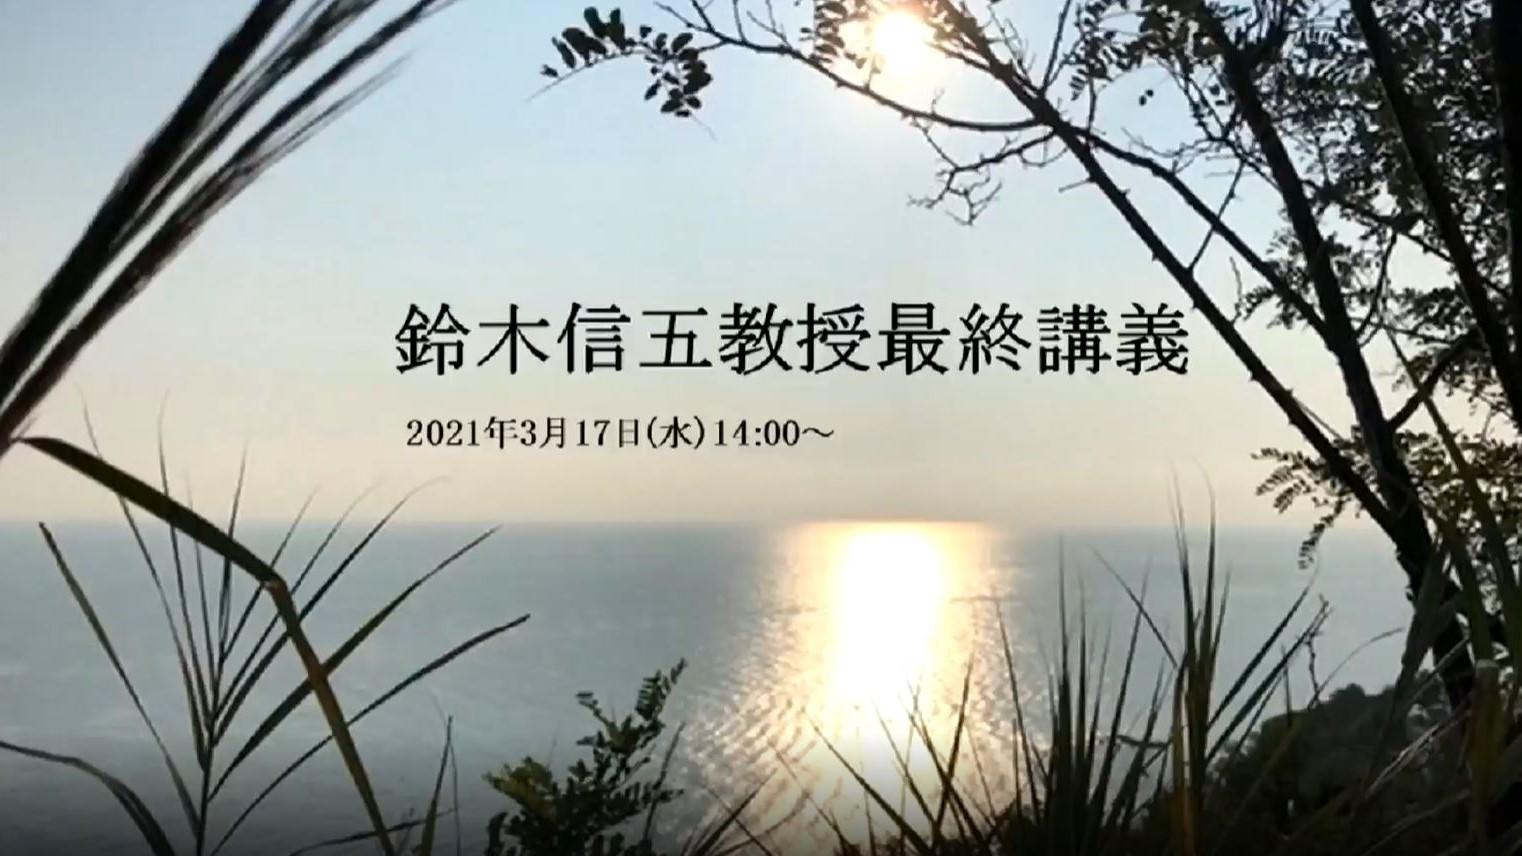 鈴木信五教授(現:客員教授) 最終講義の動画を視聴できます